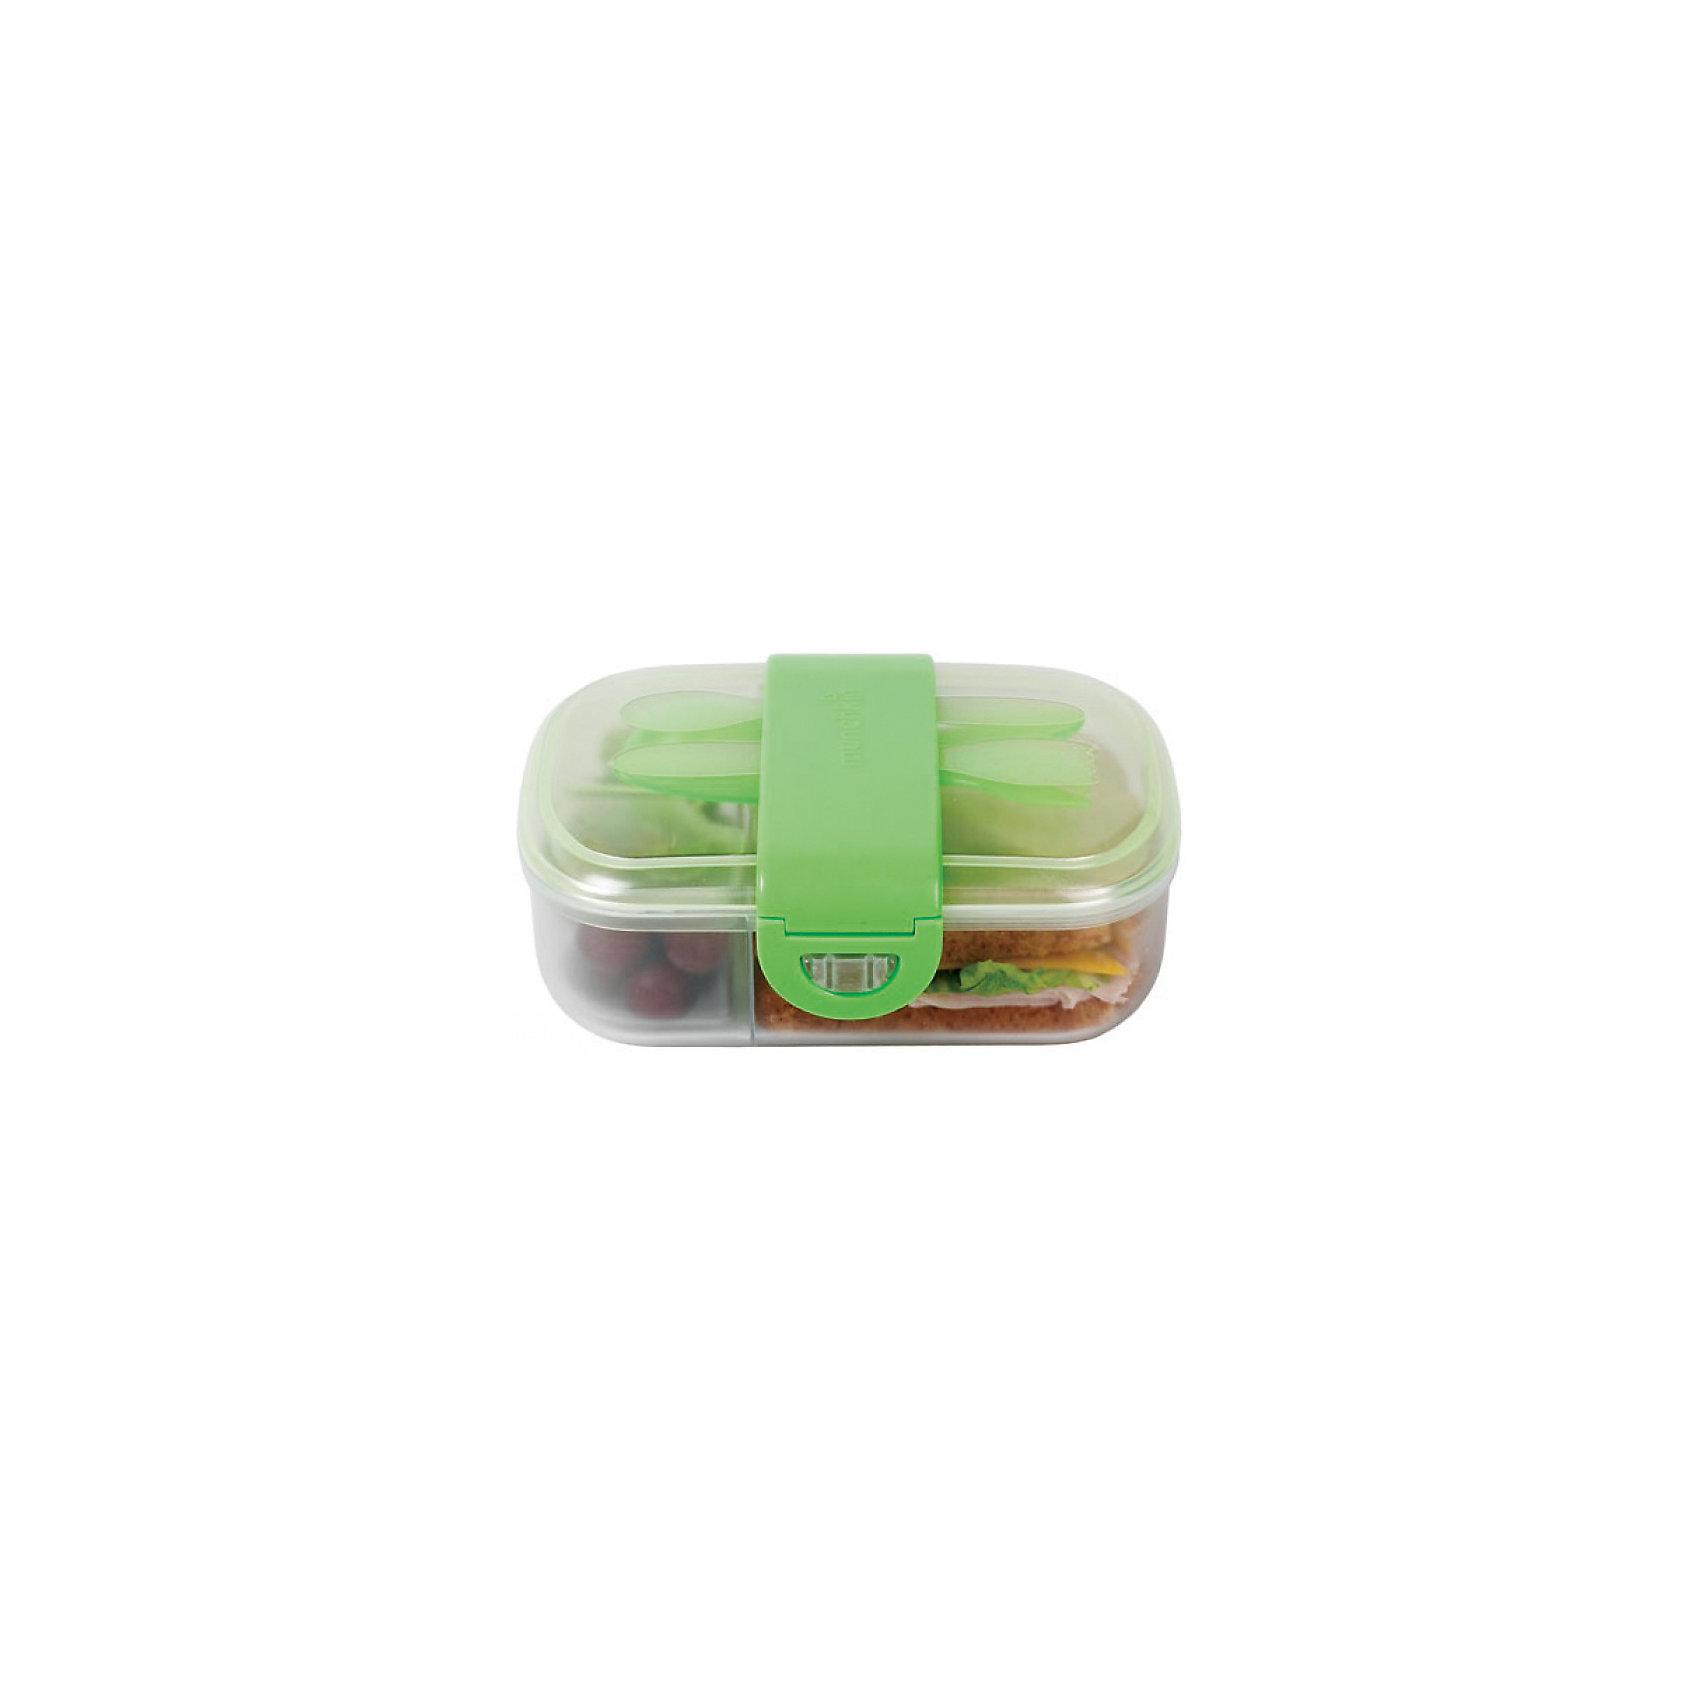 Контейнер для хранения с приборами, Munchkin, зеленыйКонтейнеры<br>Контейнер для хранения с приборами, Munchkin (Манчкин) – этот бокс превосходно сохраняет продукты и не дает им перемешиваться.<br>Контейнер для еды Munchkin (Манчкин) выполнен из пластика, не содержит бисфенол А. Контейнер идеально подходит для однодневных поездок, детского сада и дошкольных учреждений. Внутри бокс разделен на 2 маленьких отделения по 118 мл и одно большое. Таким образом, пища не будет смешиваться и для всего найдется удобное место. Крышка с блокировкой помогает предотвратить разливы и рассыпание продуктов. В комплекте имеются приборы: ложка и вилка с закруглёнными краями. Приборы удобно крепятся на крышку контейнера. На дне контейнера можно написать имя ребенка, чтобы малыш не перепутал его в садике или школе. Начиная с 3-х лет, ребенок может пользоваться боксом самостоятельно. Контейнер можно мыть на верхней полке посудомоечной машины.<br><br>Дополнительная информация:<br><br>- Цвет в ассортименте<br>- Материал: пластик<br>- Размер контейнера: 19 х 5 х 14 см.<br>- Размер упаковки: 9 х 17 х 19 см.<br>- Вес: 300 г.<br>- ВНИМАНИЕ! Данный товар представлен в ассортименте. К сожалению, предварительный выбор невозможен. При заказе нескольких единиц данного товара, возможно получение одинаковых<br><br>Контейнер для хранения питания с крышками, ложкой и  вилкой, Munchkin (Манчкин) можно купить в нашем интернет-магазине.<br><br>Ширина мм: 90<br>Глубина мм: 170<br>Высота мм: 190<br>Вес г: 300<br>Возраст от месяцев: 12<br>Возраст до месяцев: 36<br>Пол: Унисекс<br>Возраст: Детский<br>SKU: 4142390